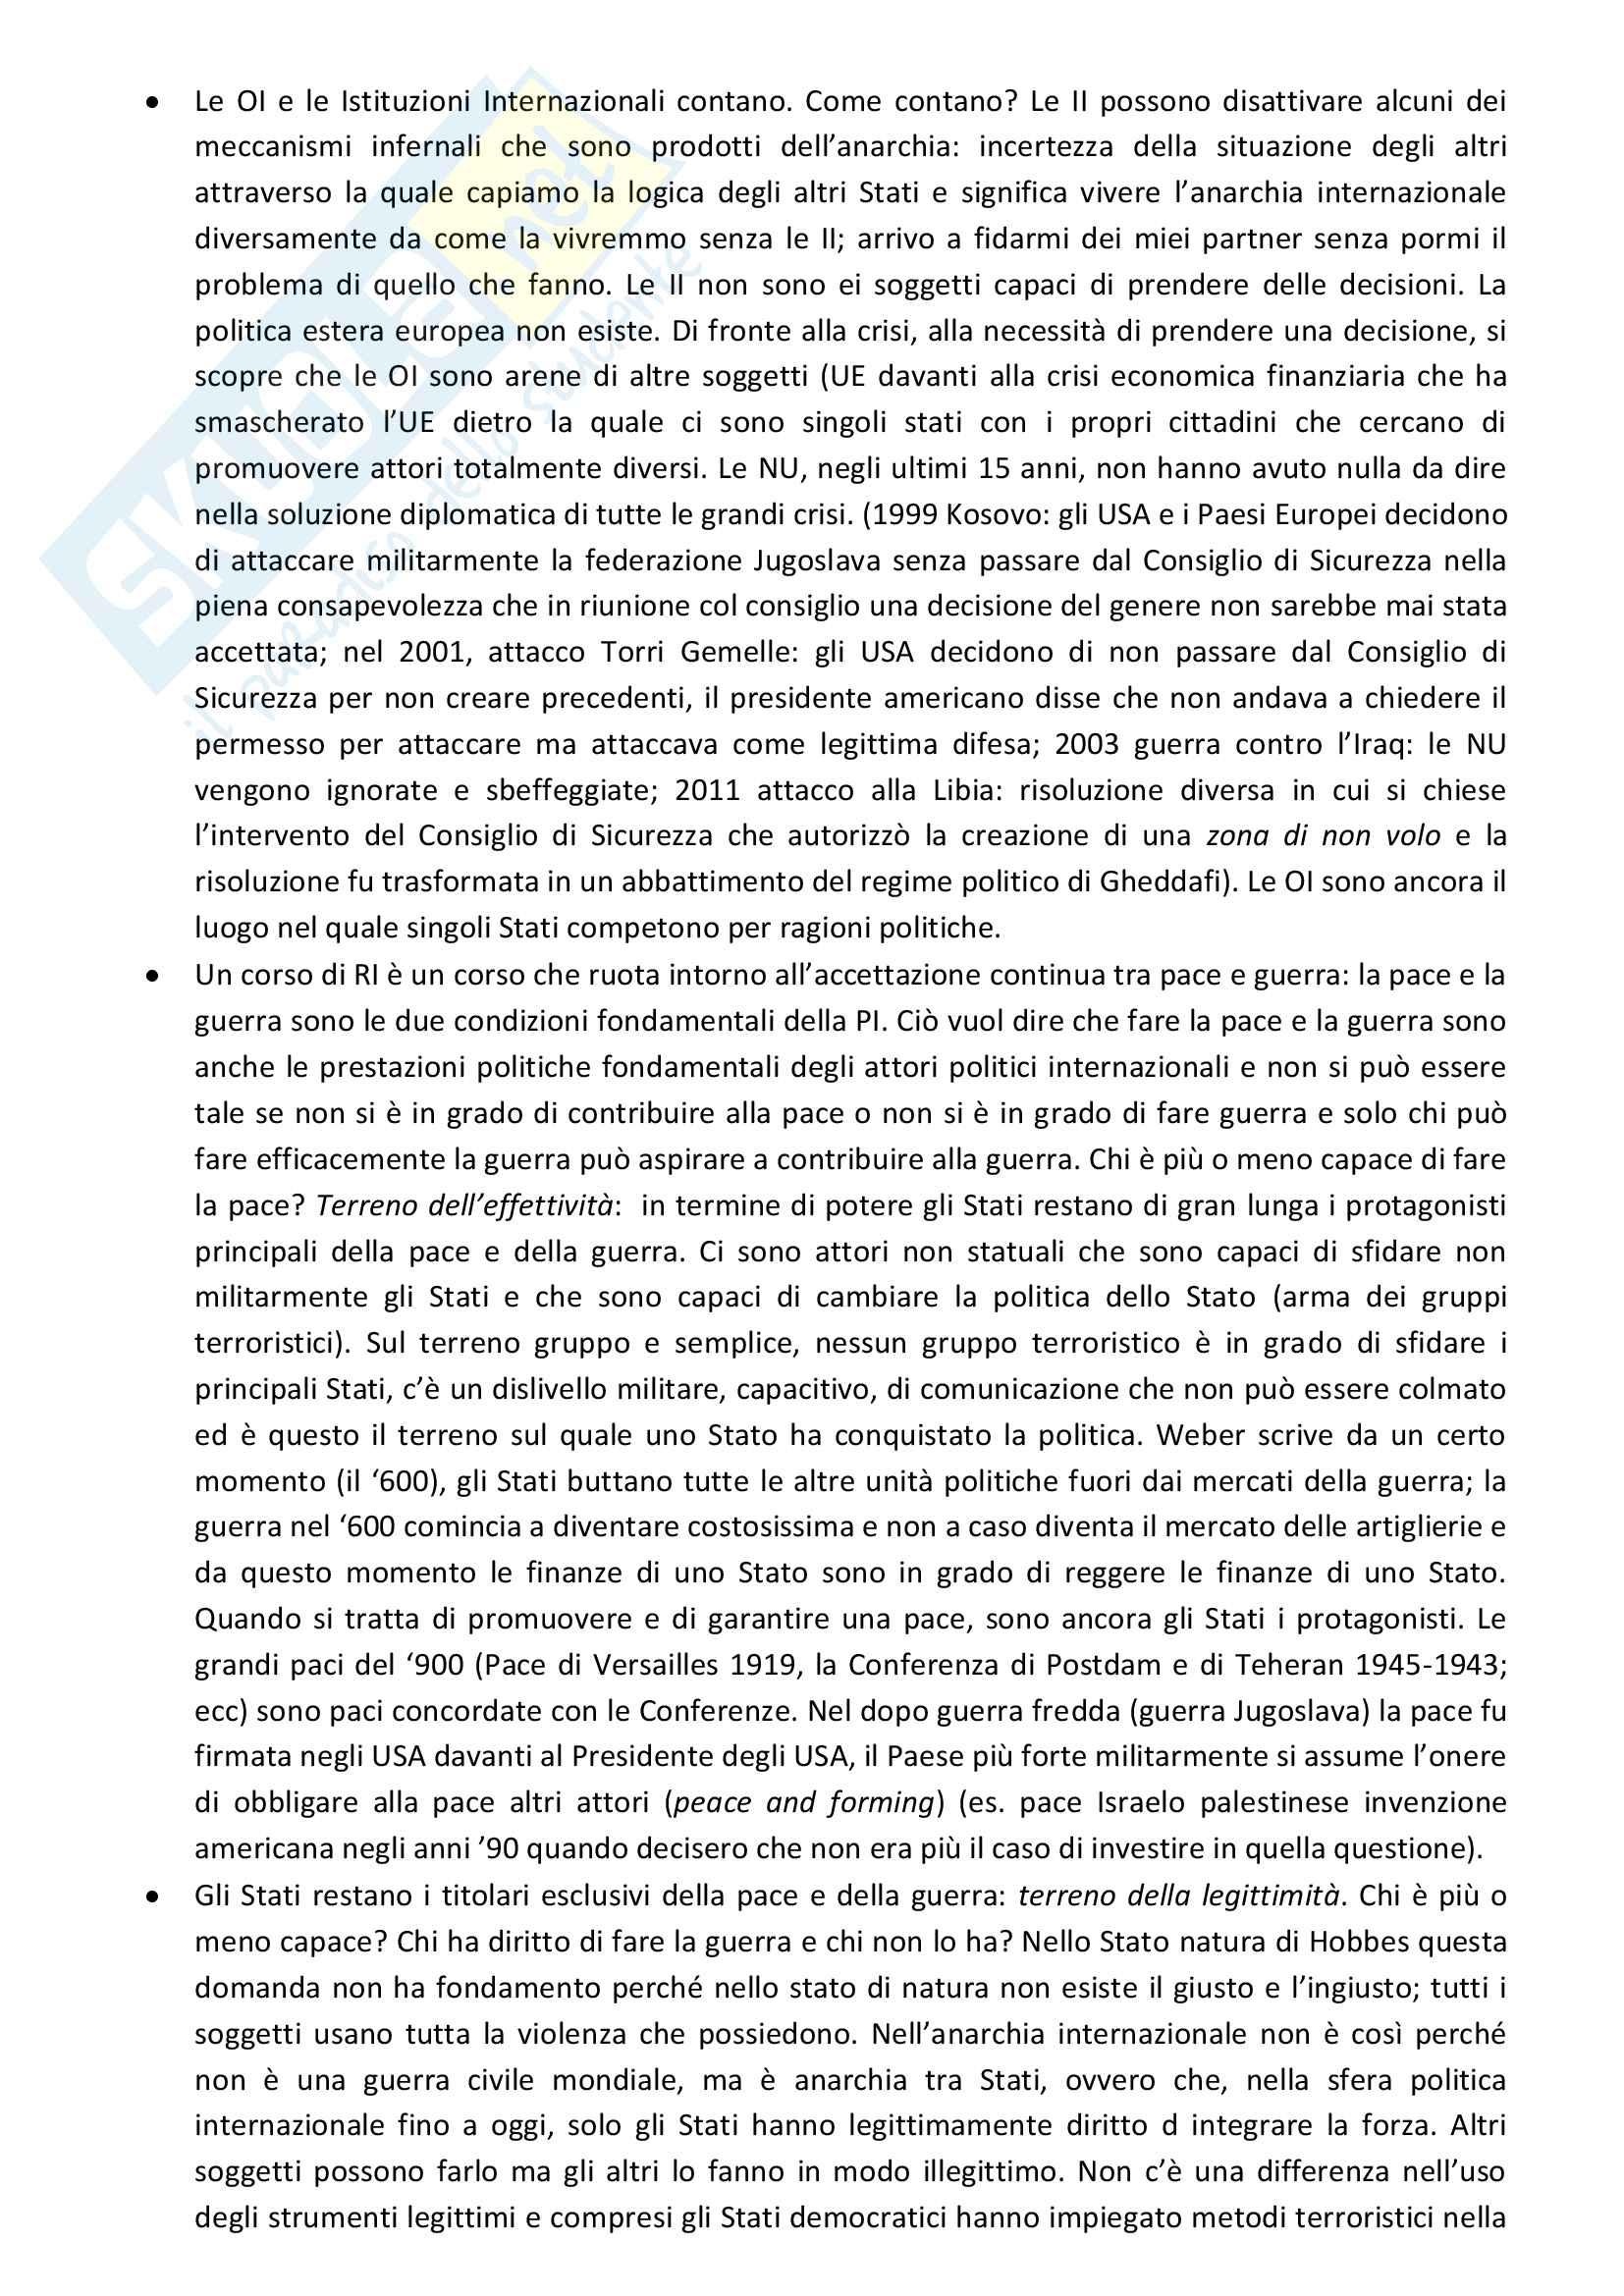 Sunto di Relazioni internazionali, prof. Colombo,UNIMI Pag. 2